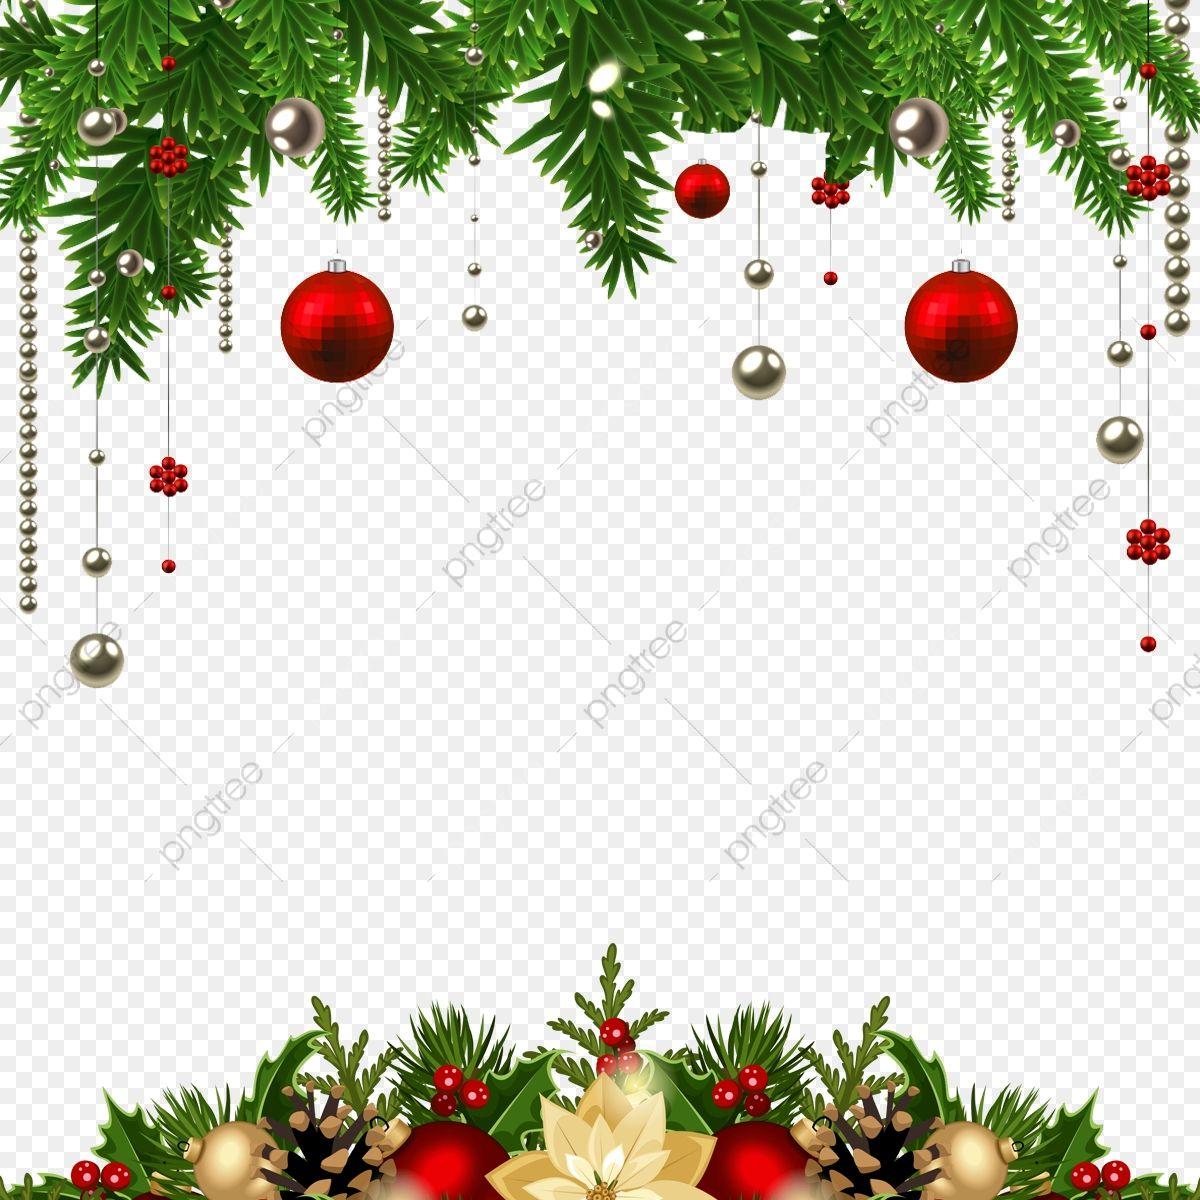 Christmas Graphic Christmas Vector Christmas Background Free Christmas Backgrounds Christmas Background Christmas Vectors